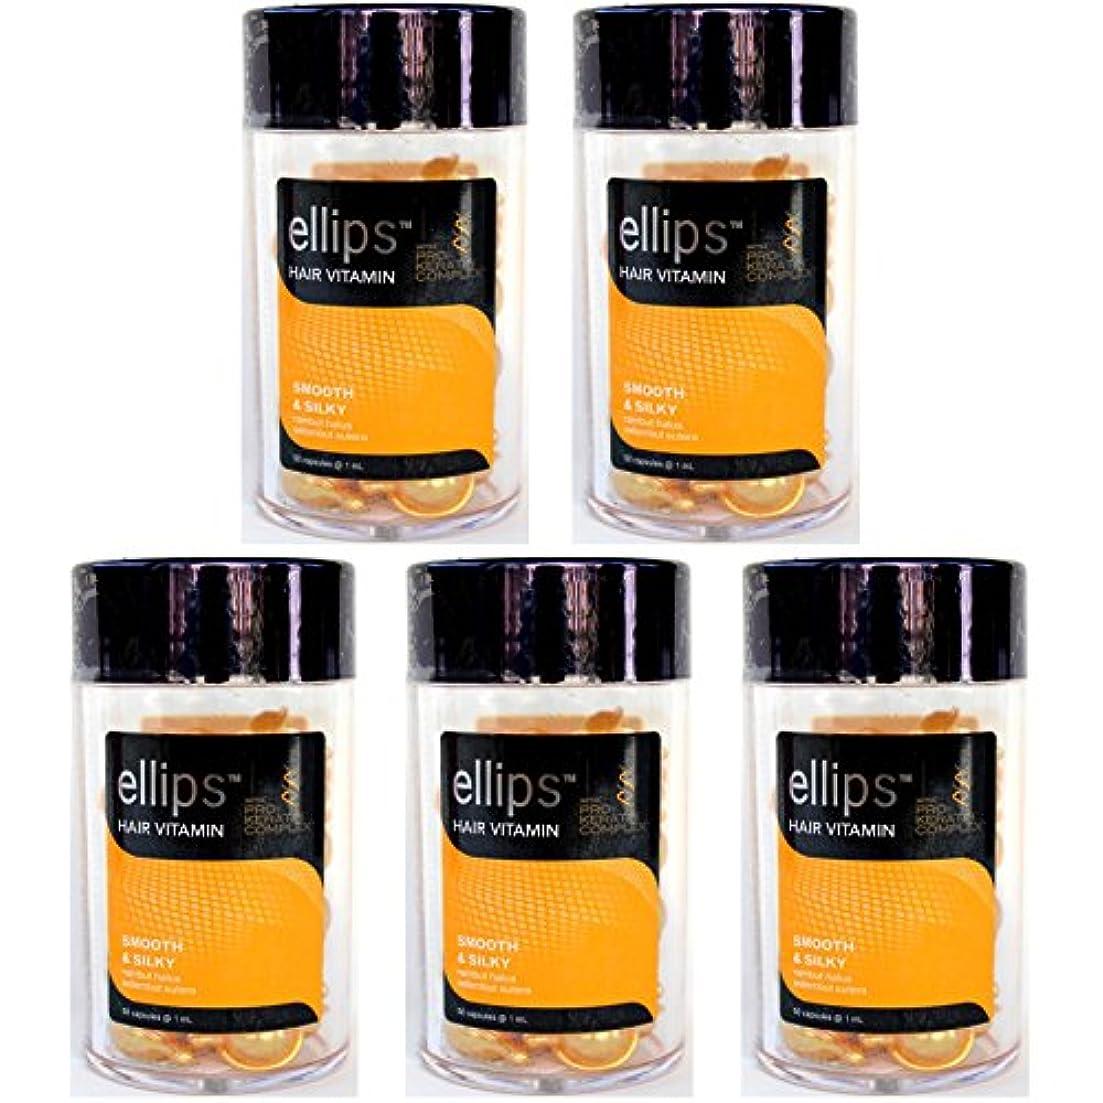 パブデッキさびたellips エリプス Hair Vitamin ヘア ビタミン Pro-Keratin Complex プロケラチン配合 SMOOTH & SILKY イエロー ボトル(50粒入) × 5本 セット [並行輸入品][海外直送品]